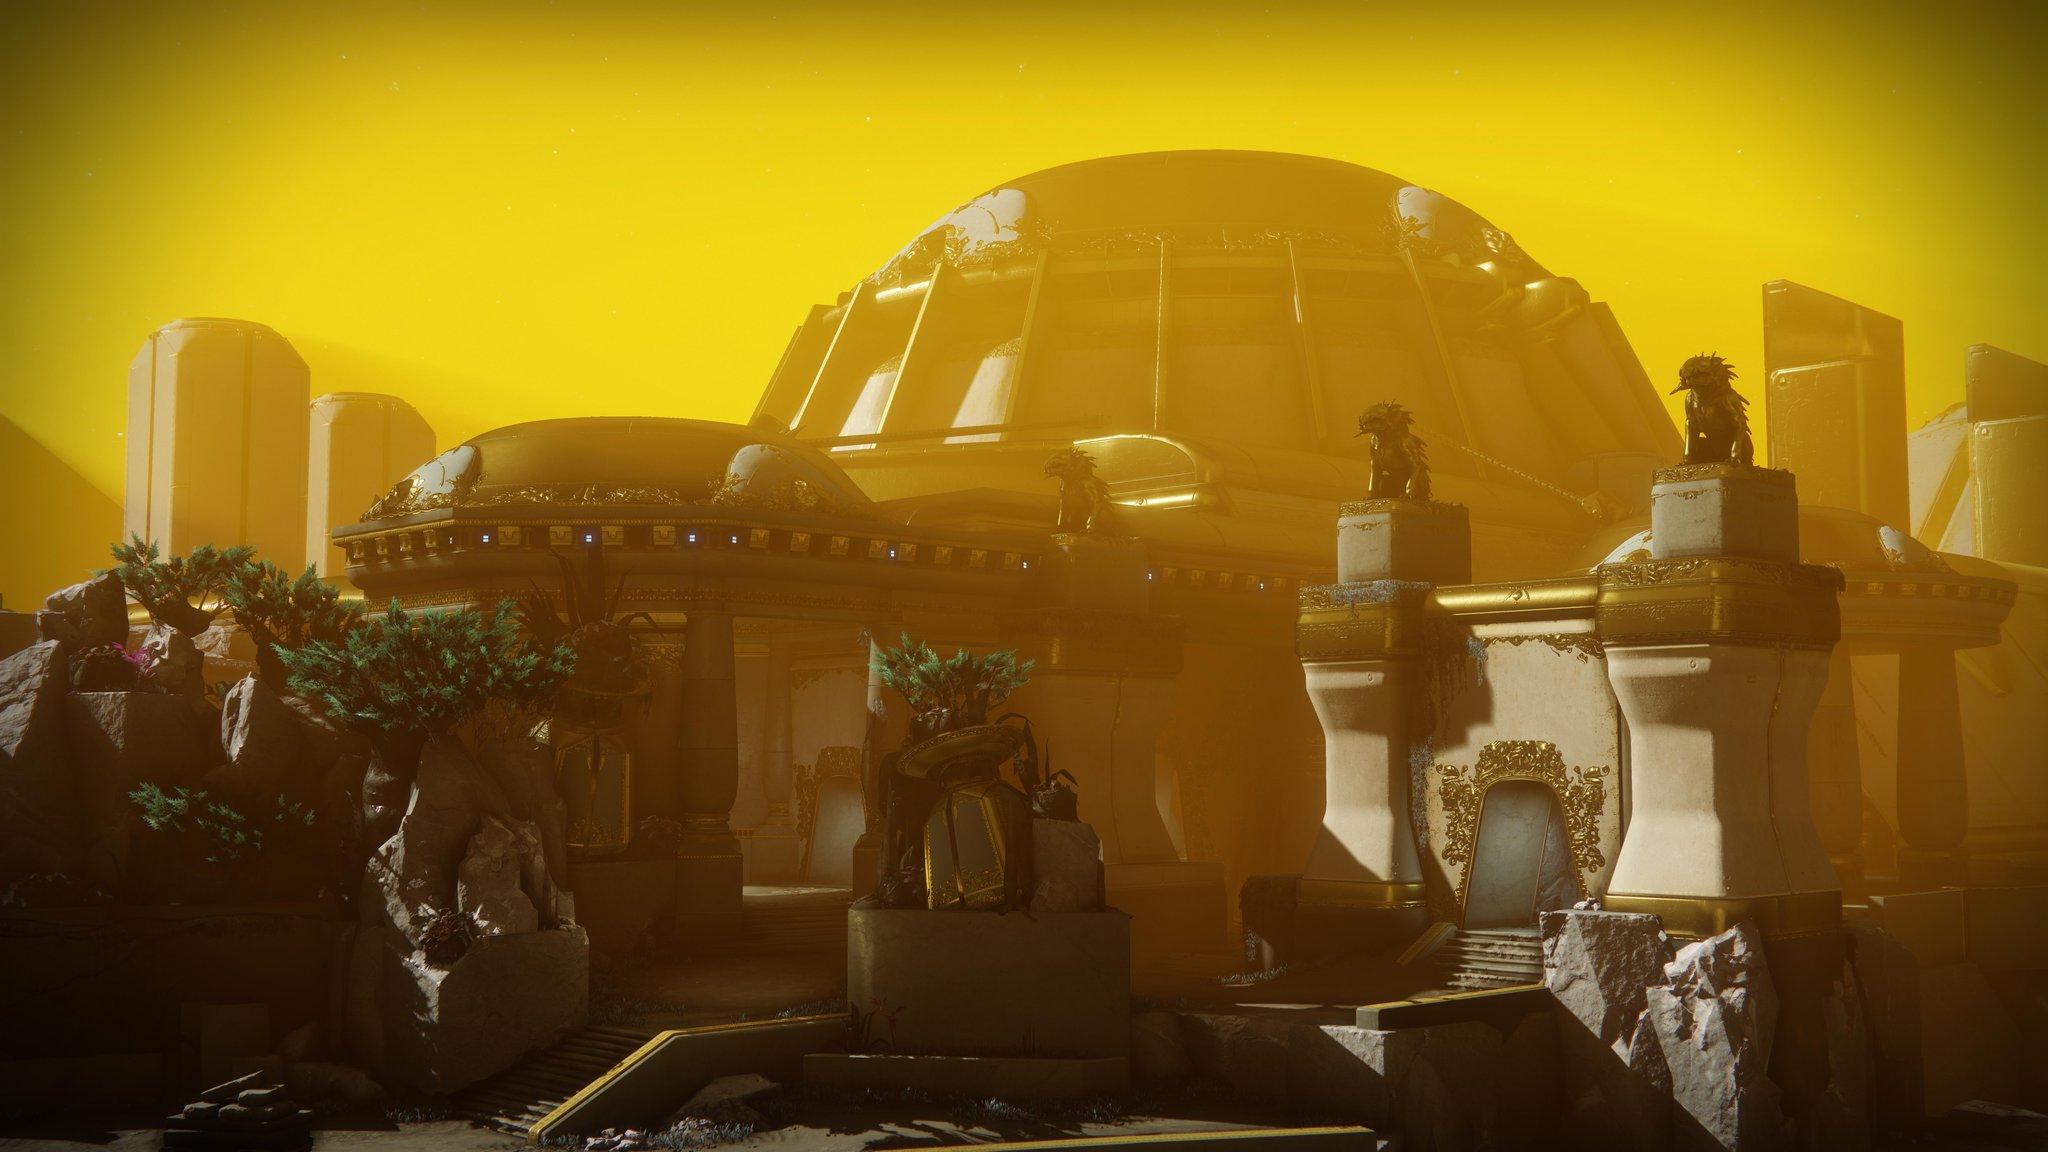 Destiny 2 Leviathan Raid Guide Complete Walkthrough Defeat Calus Secret Chest Locations And